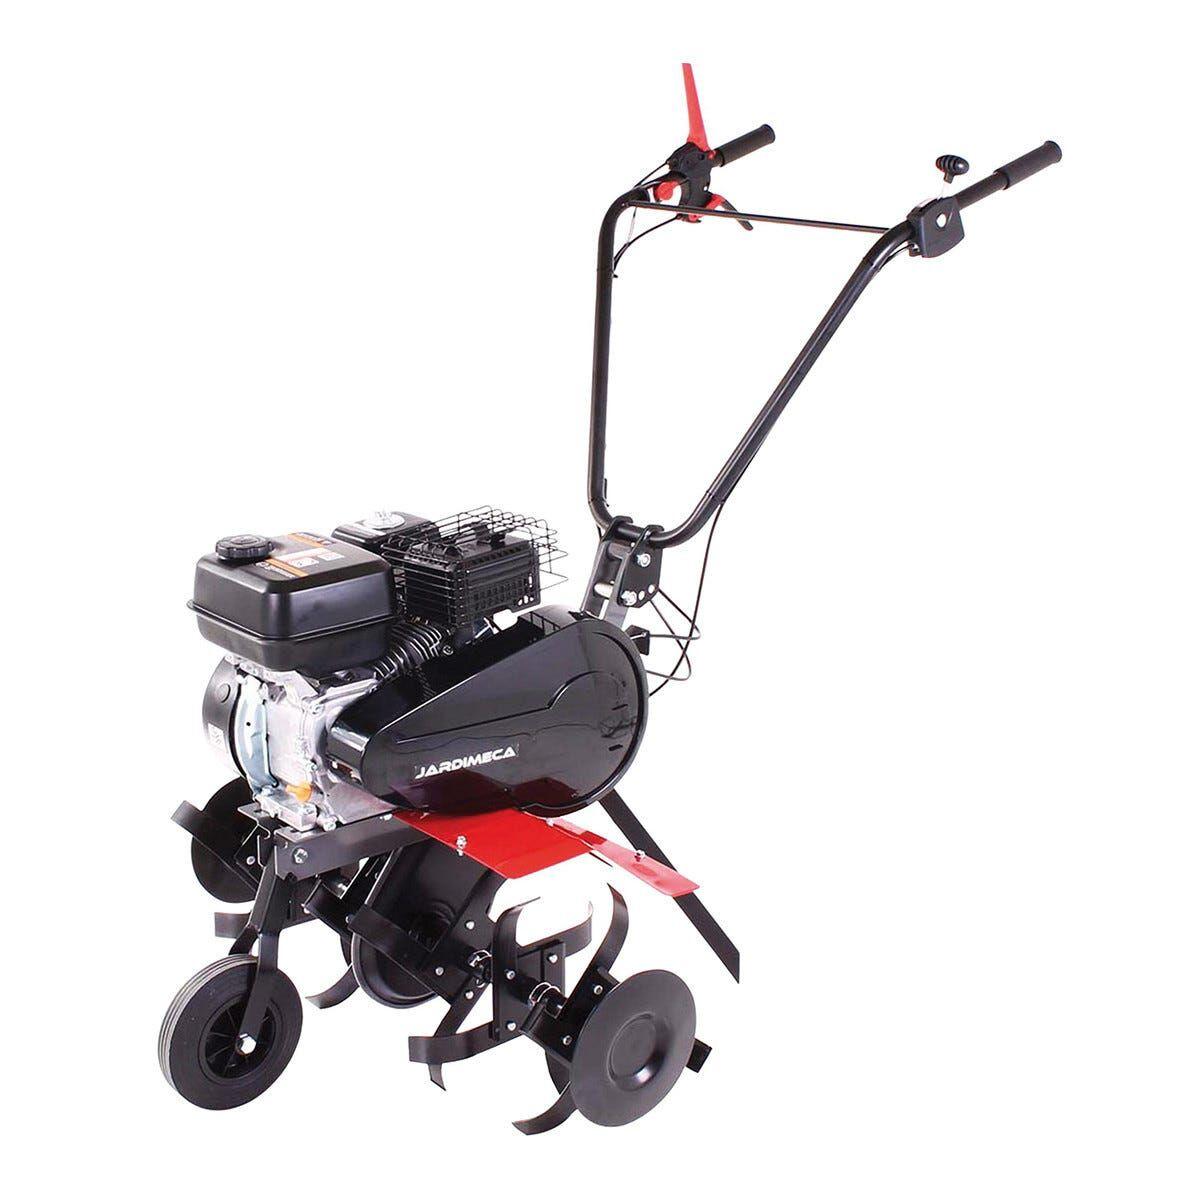 Cc Motozappa 212 Cc Jardimeca E 210 Larghezza Lavoro 80 Cm Motore R210ohv 6 Frese 32cm